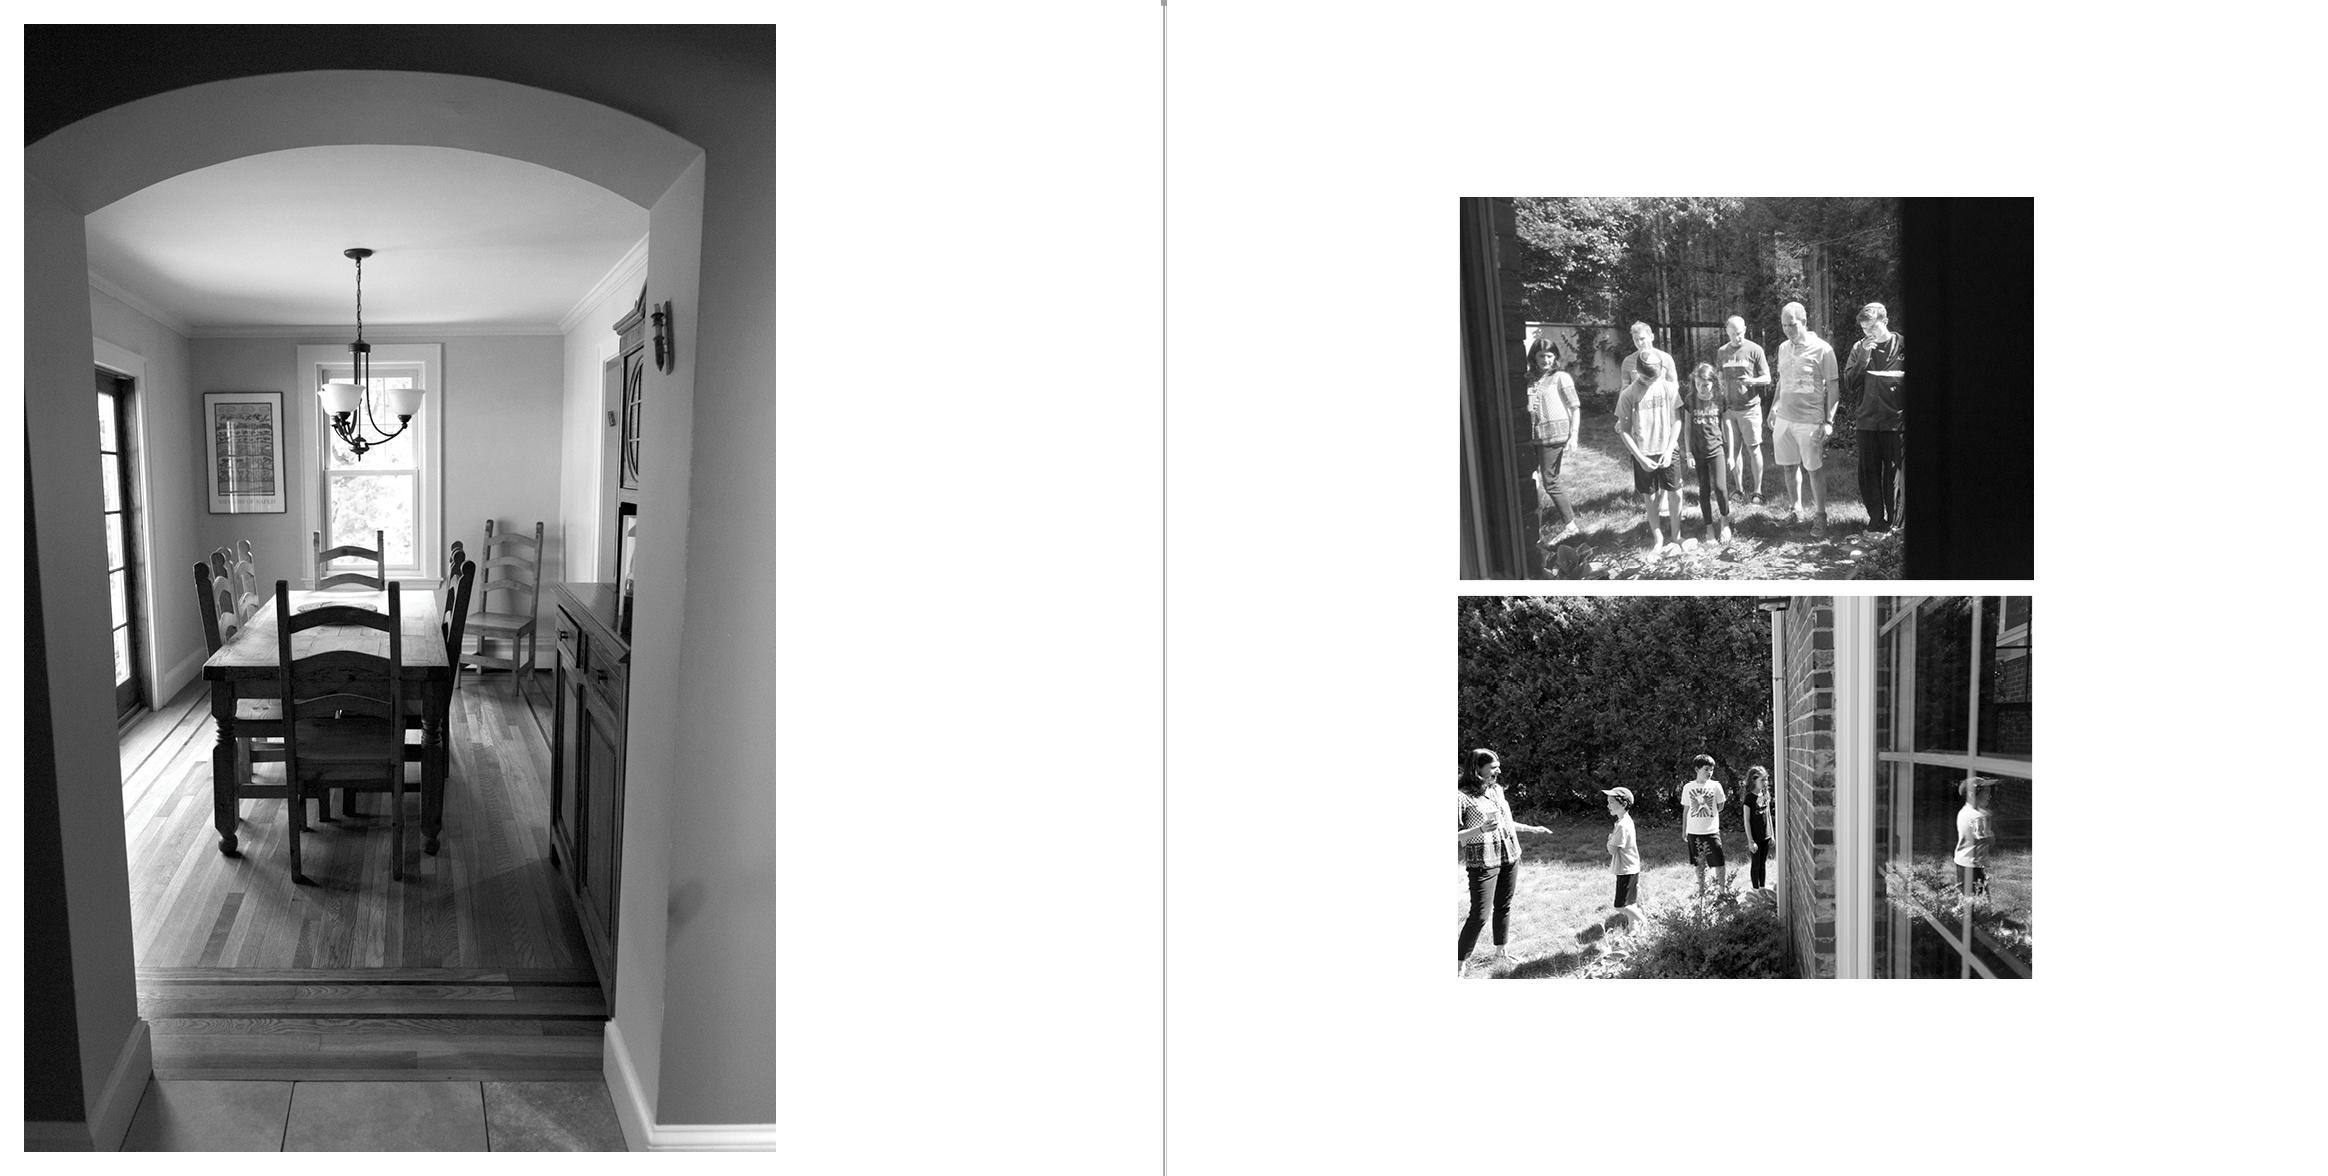 12x12-tamir-barmitzvah-proof-31-v241.jpg